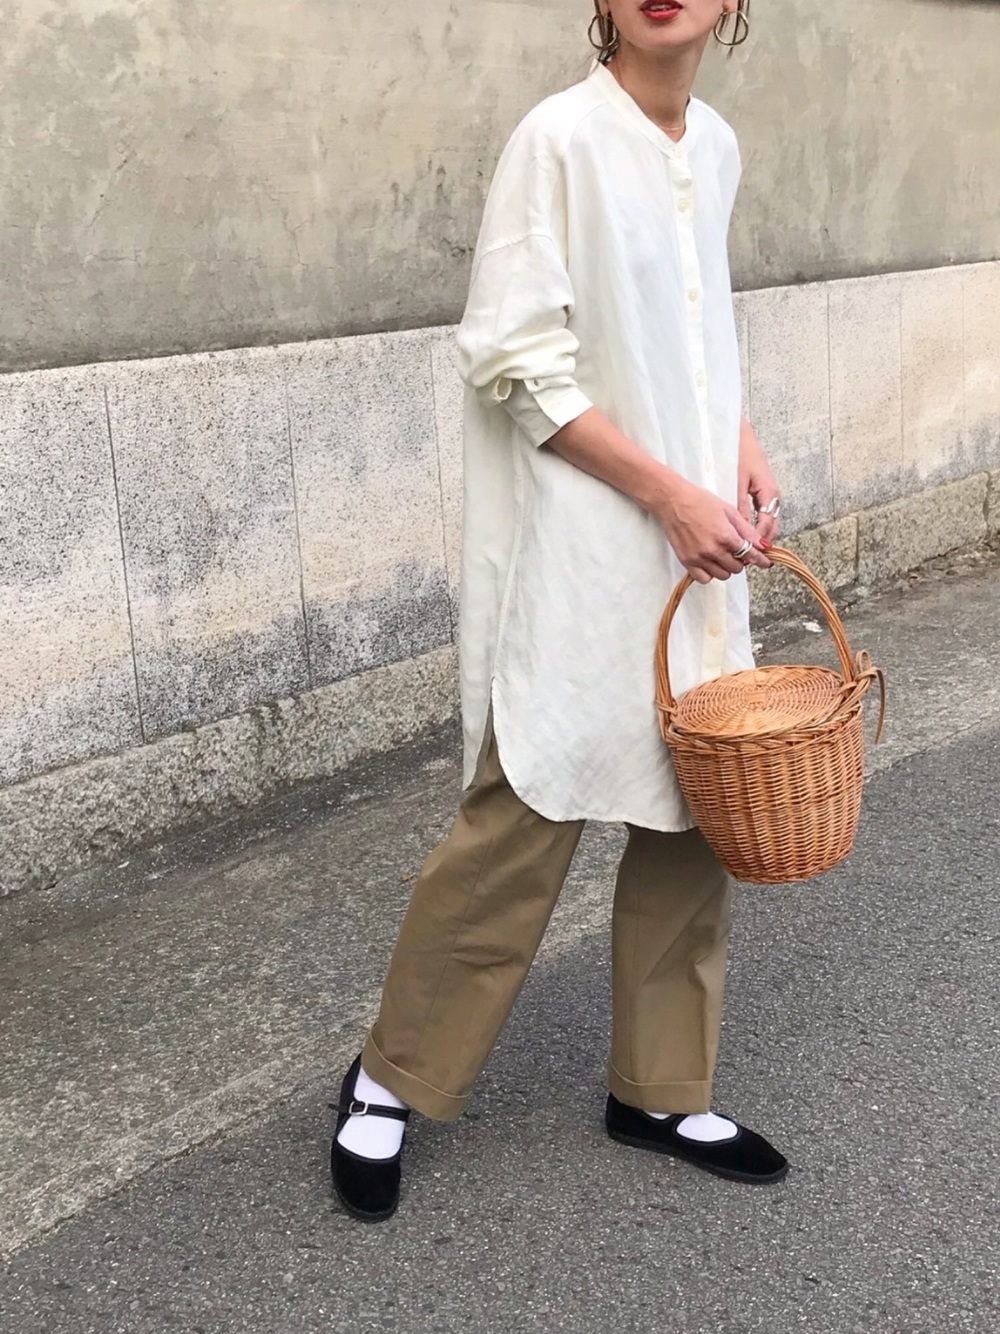 リネン素材の白ロングシャツとパンツスタイルのコーデの女性